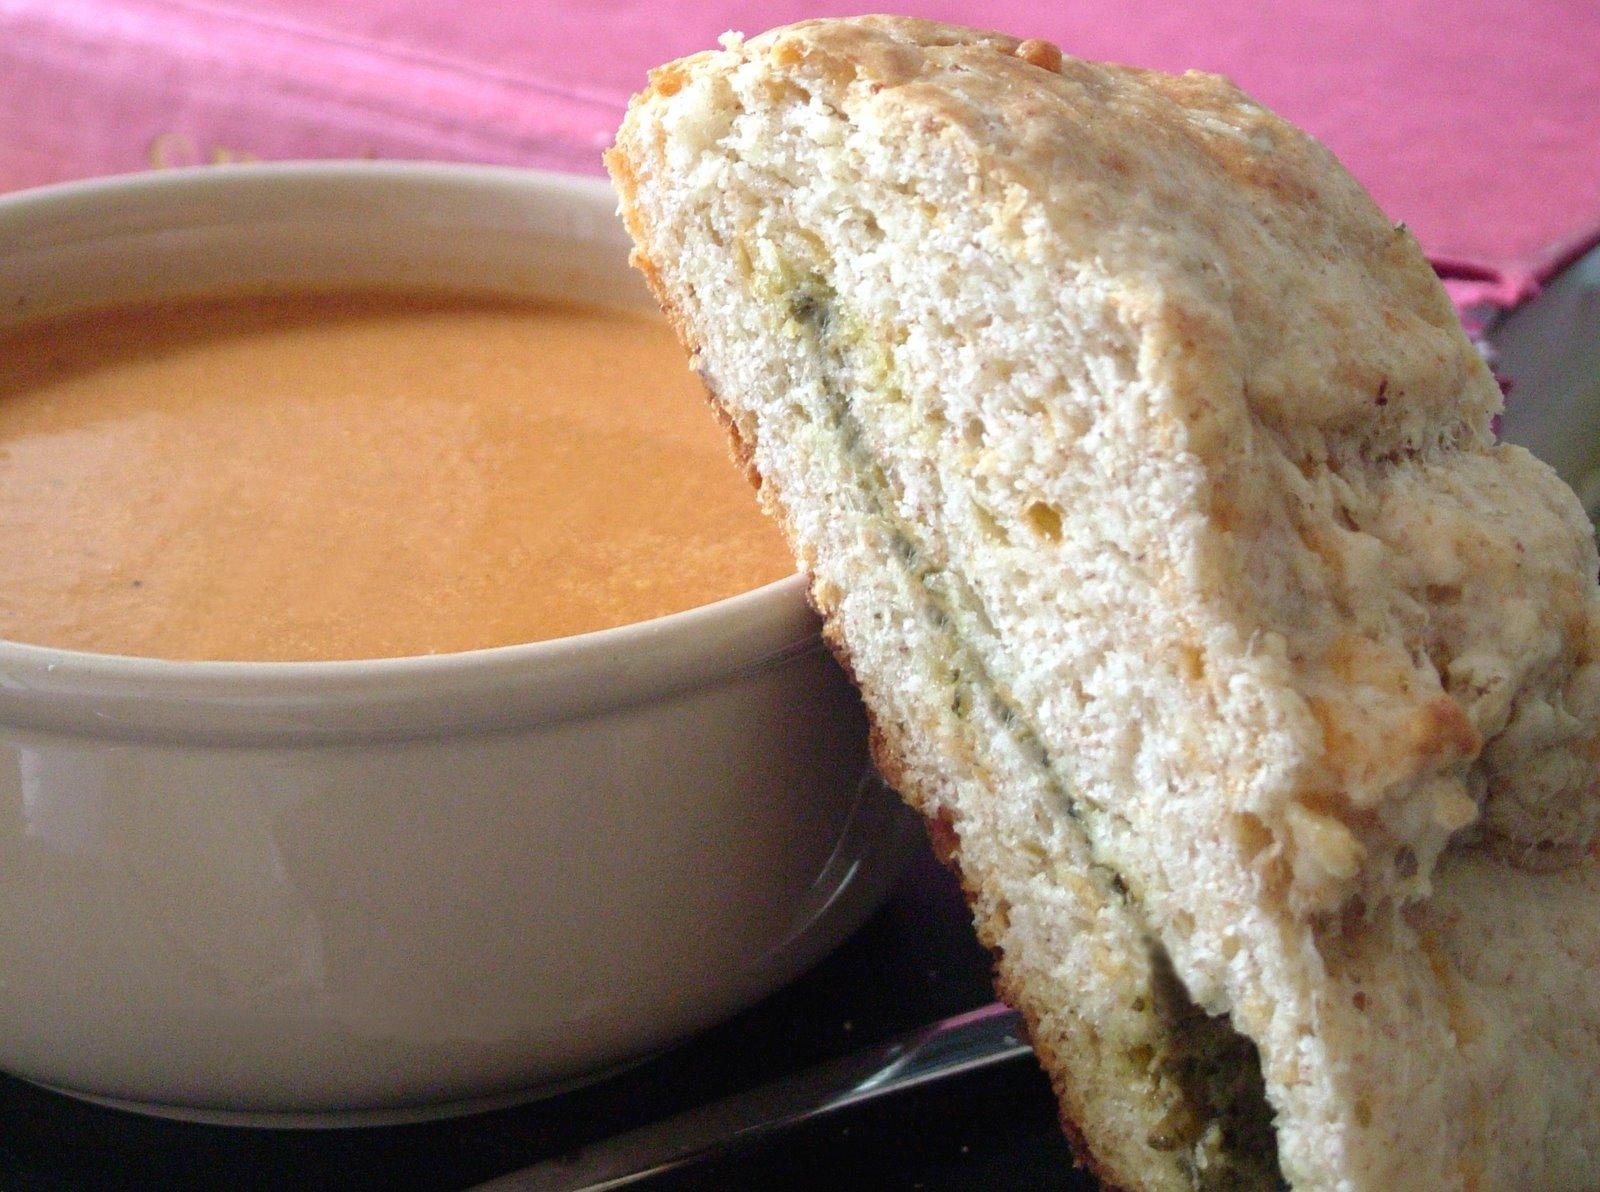 Tomato+soup+&+scone